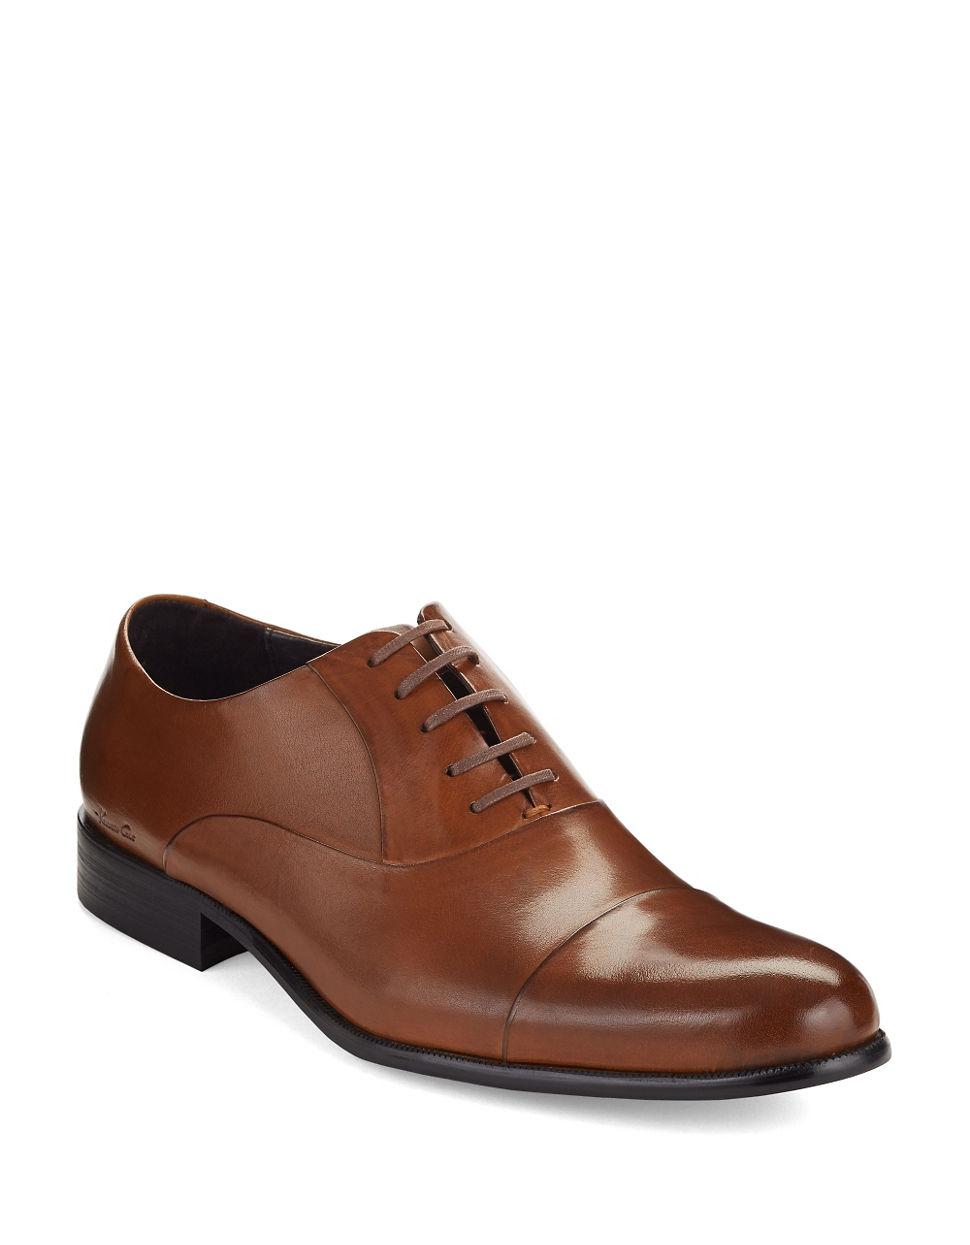 Kenneth Cole New York Shoes Cognac Men